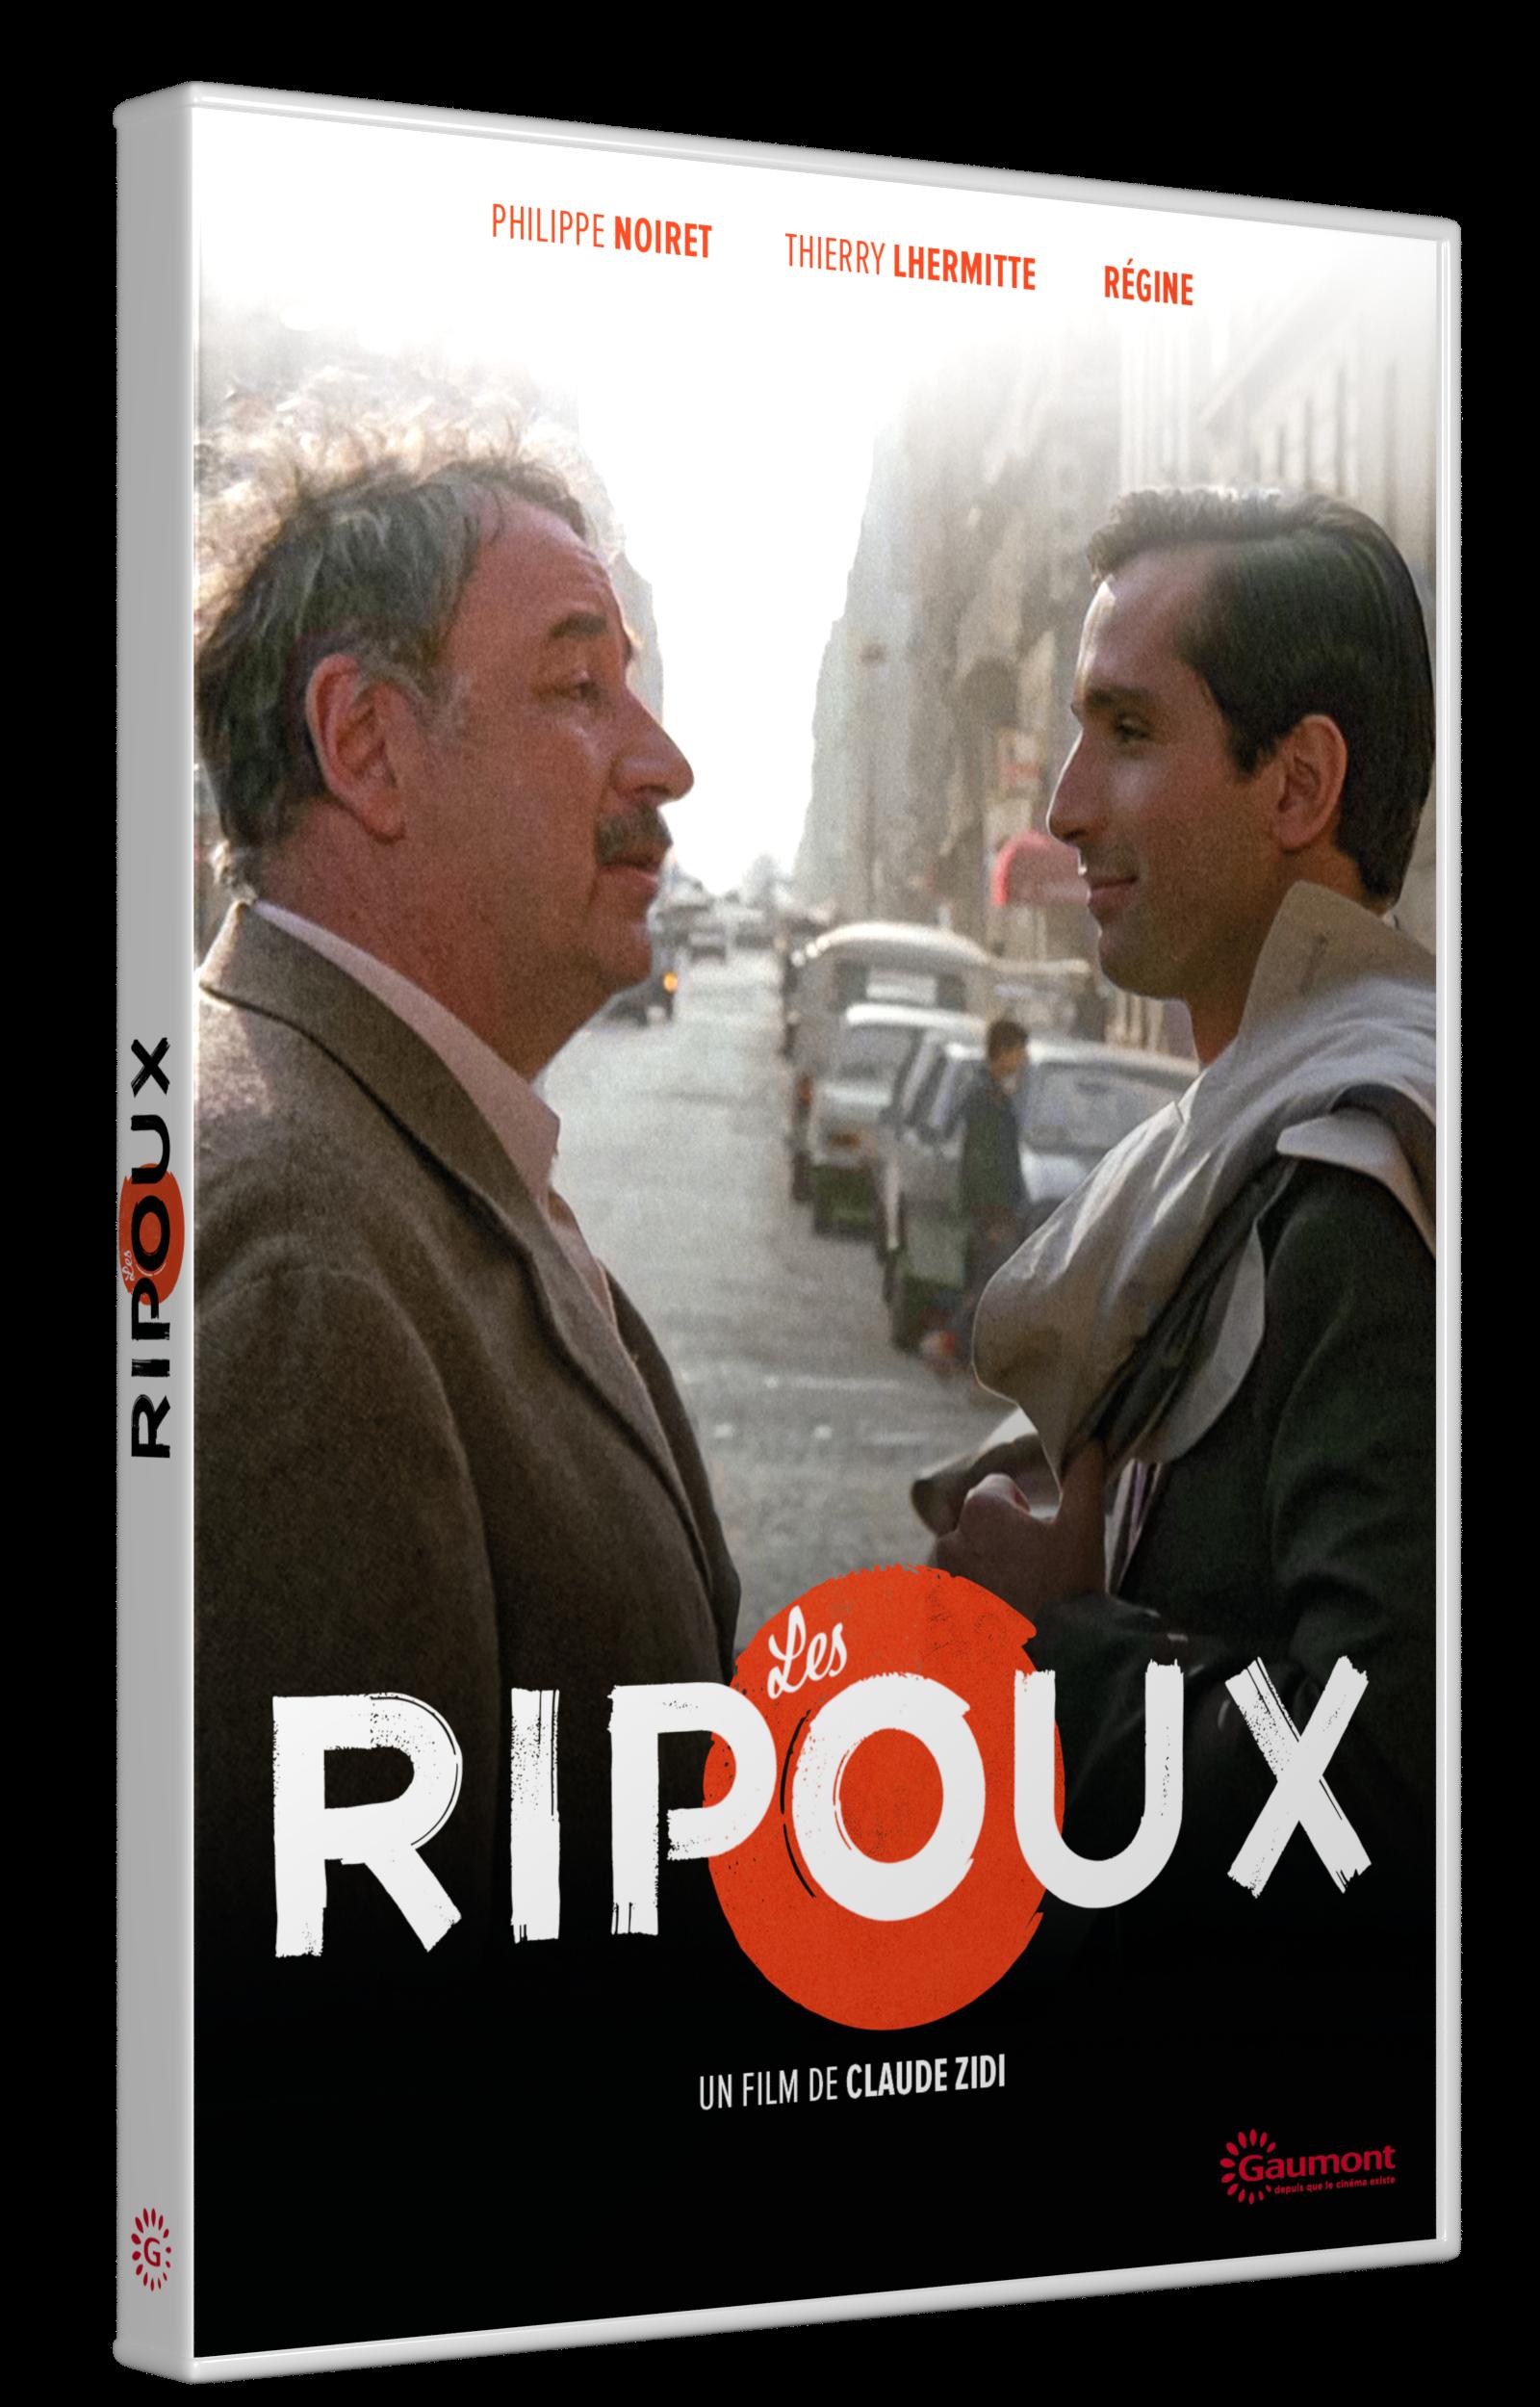 LES RIPOUX